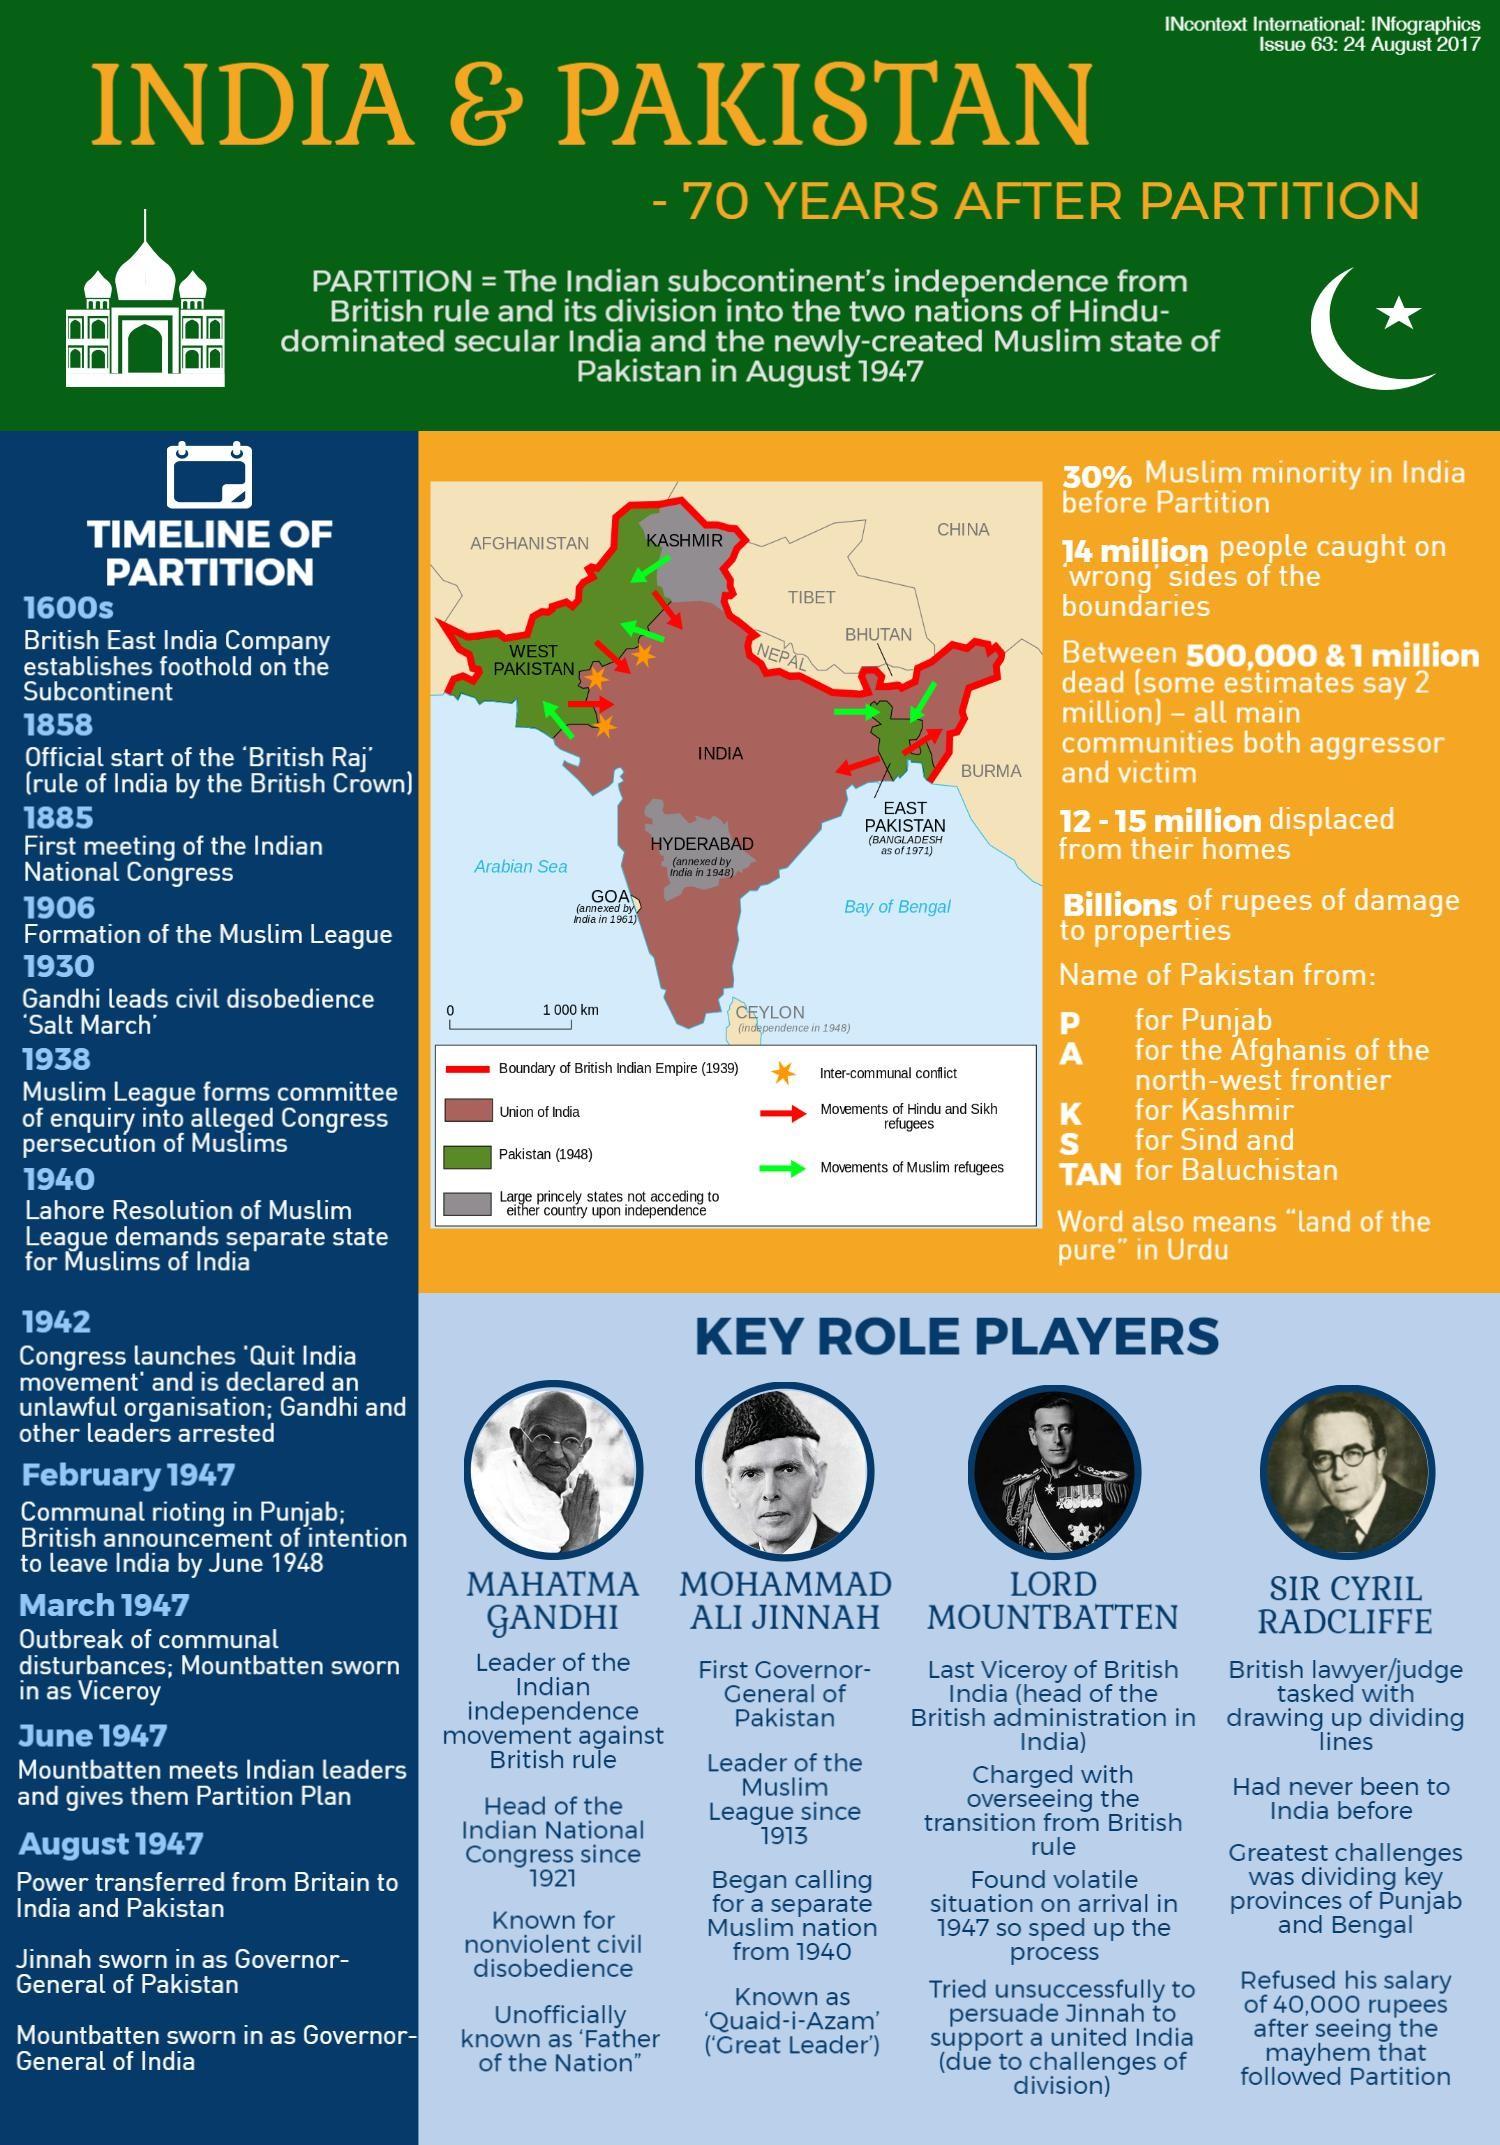 IG-IndiaPakistan-Pg1